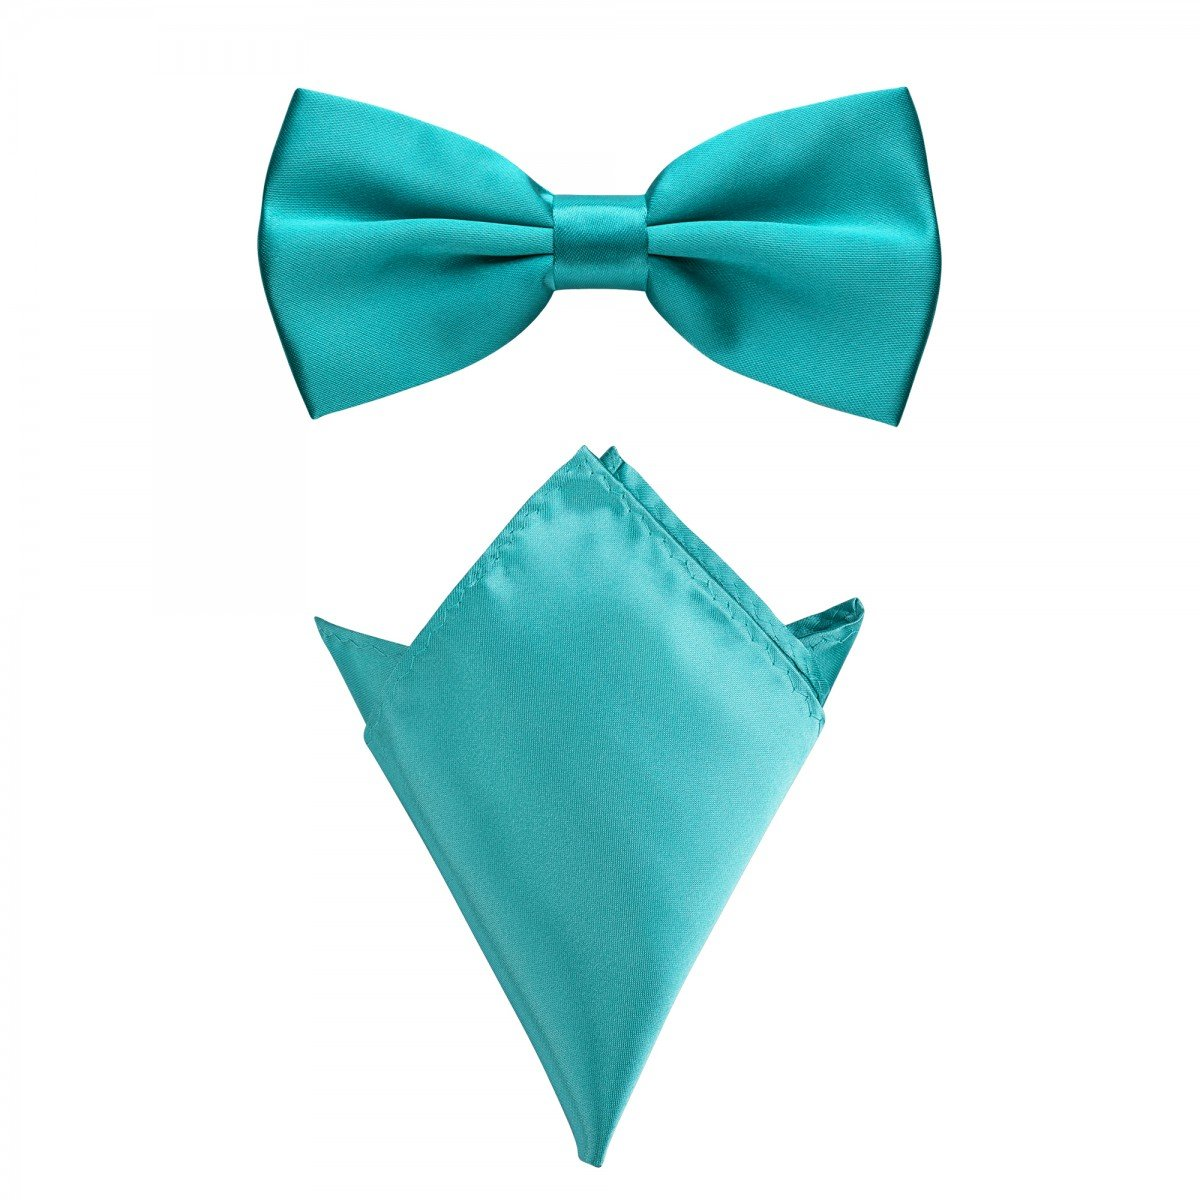 Rusty Bob - Vola con il fazzoletto in vari colori (fino a 48 cm circonferenza del collo) - per soddisfare, uno smoking - un insieme di 2